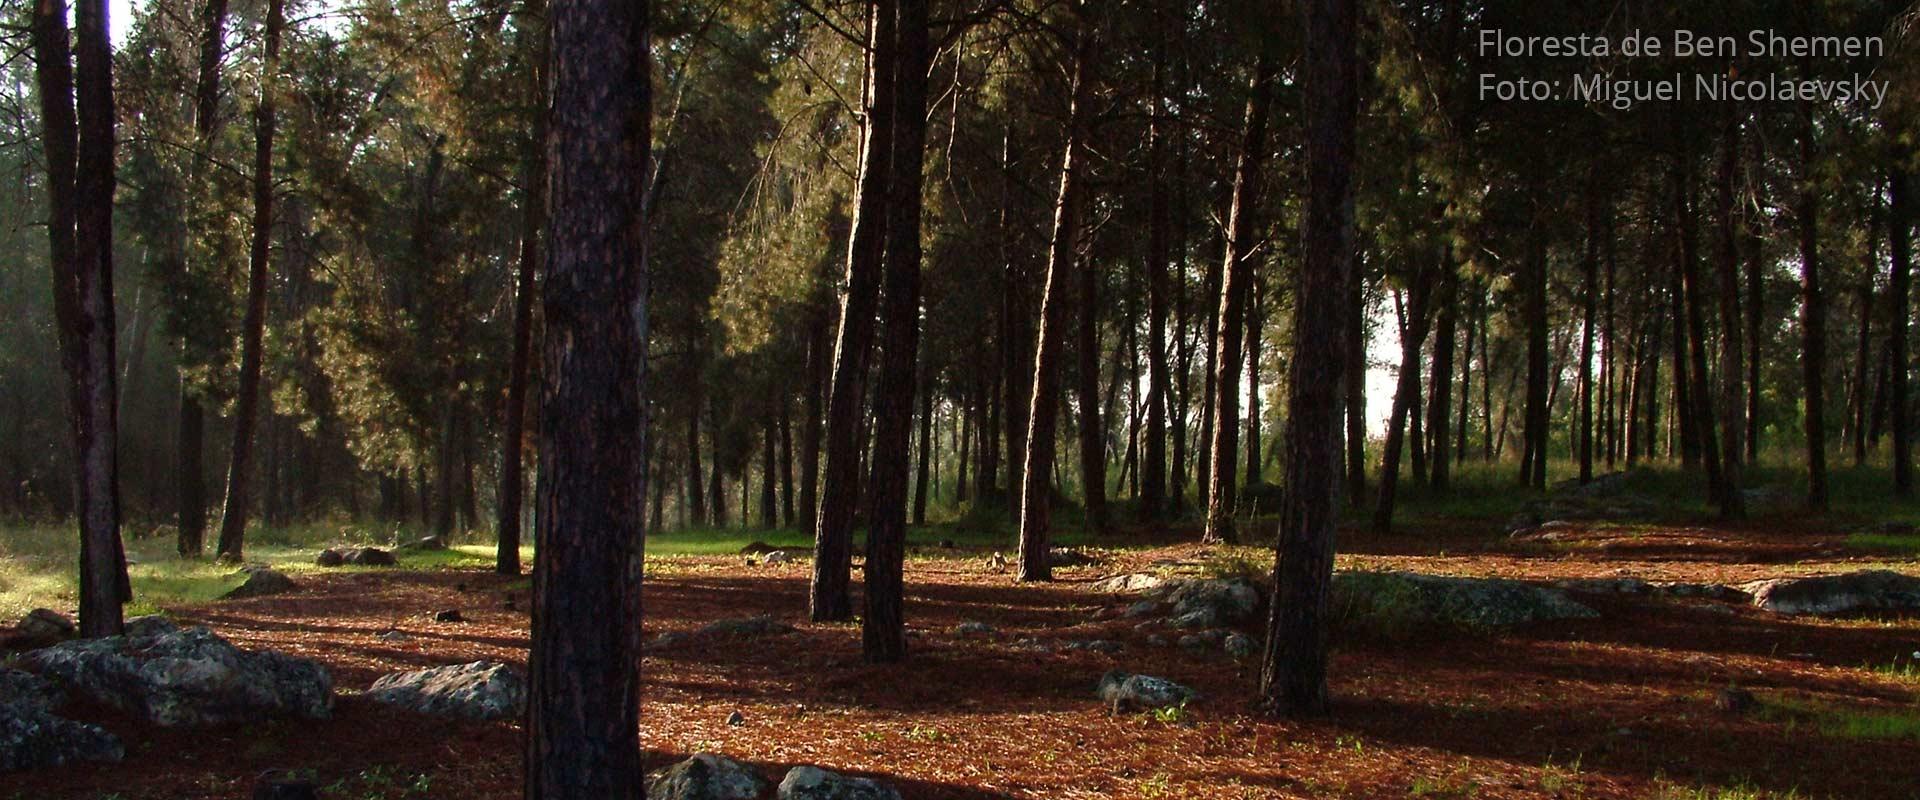 floresta-de-ben-shemen